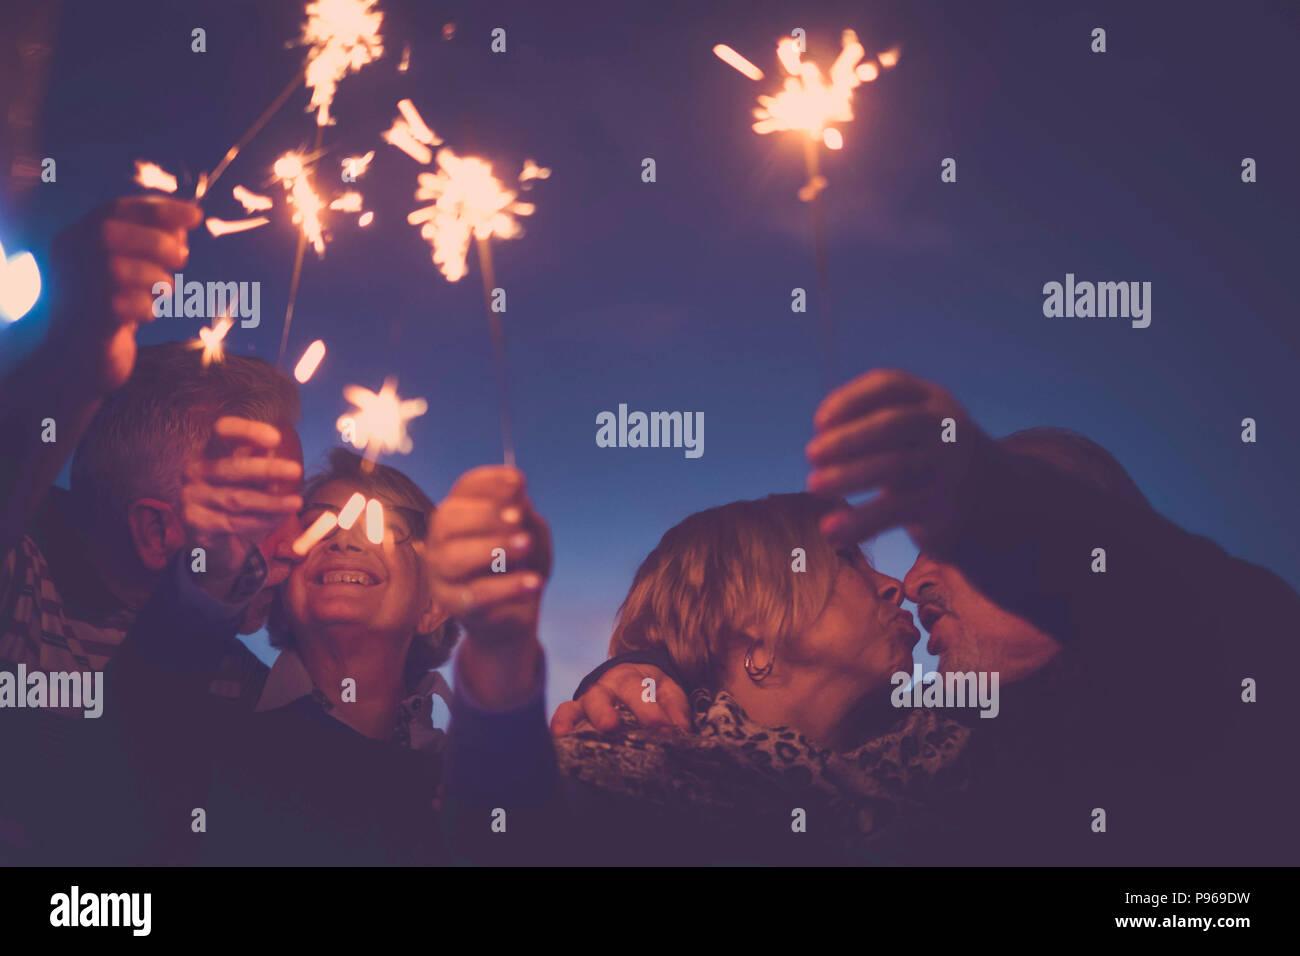 Festa per la notte di vacanza o capodanno 2019. gruppo di età compresa tra gli uomini e le donne le persone con il fuoco scintille. Tutti baciare e con un sacco di f Immagini Stock